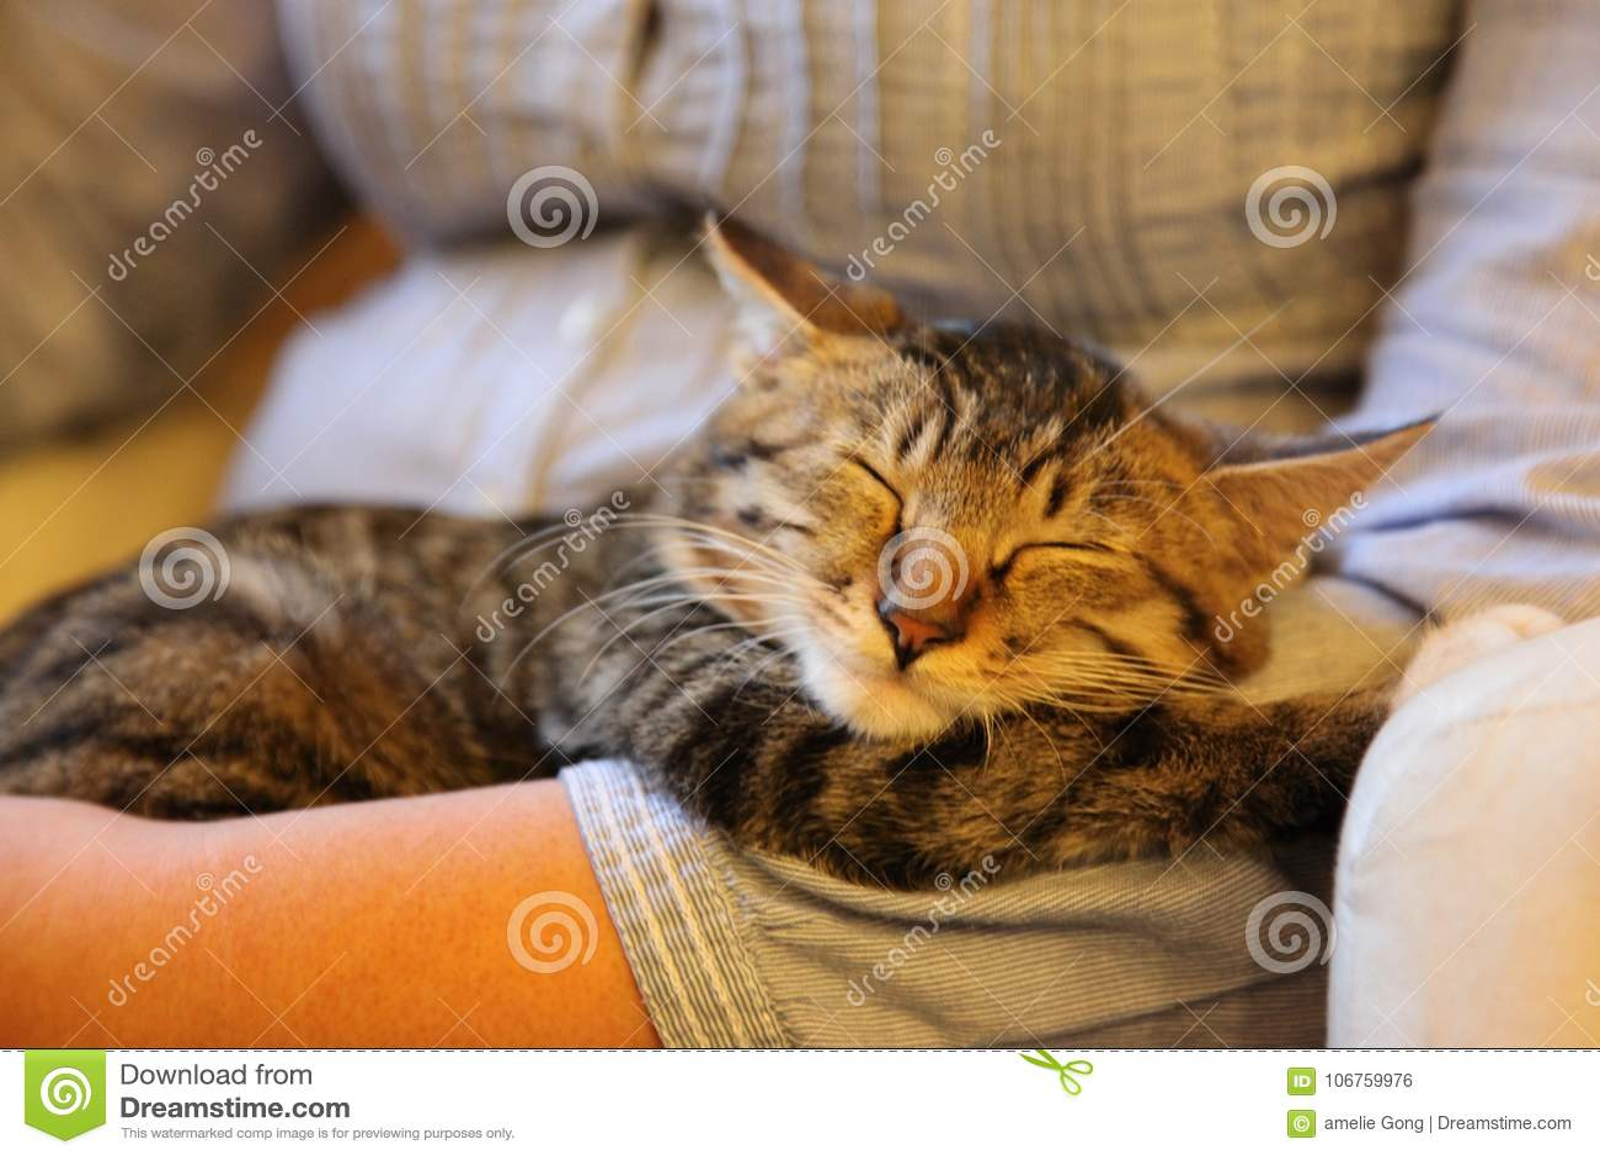 Il gattino dorme così comodo